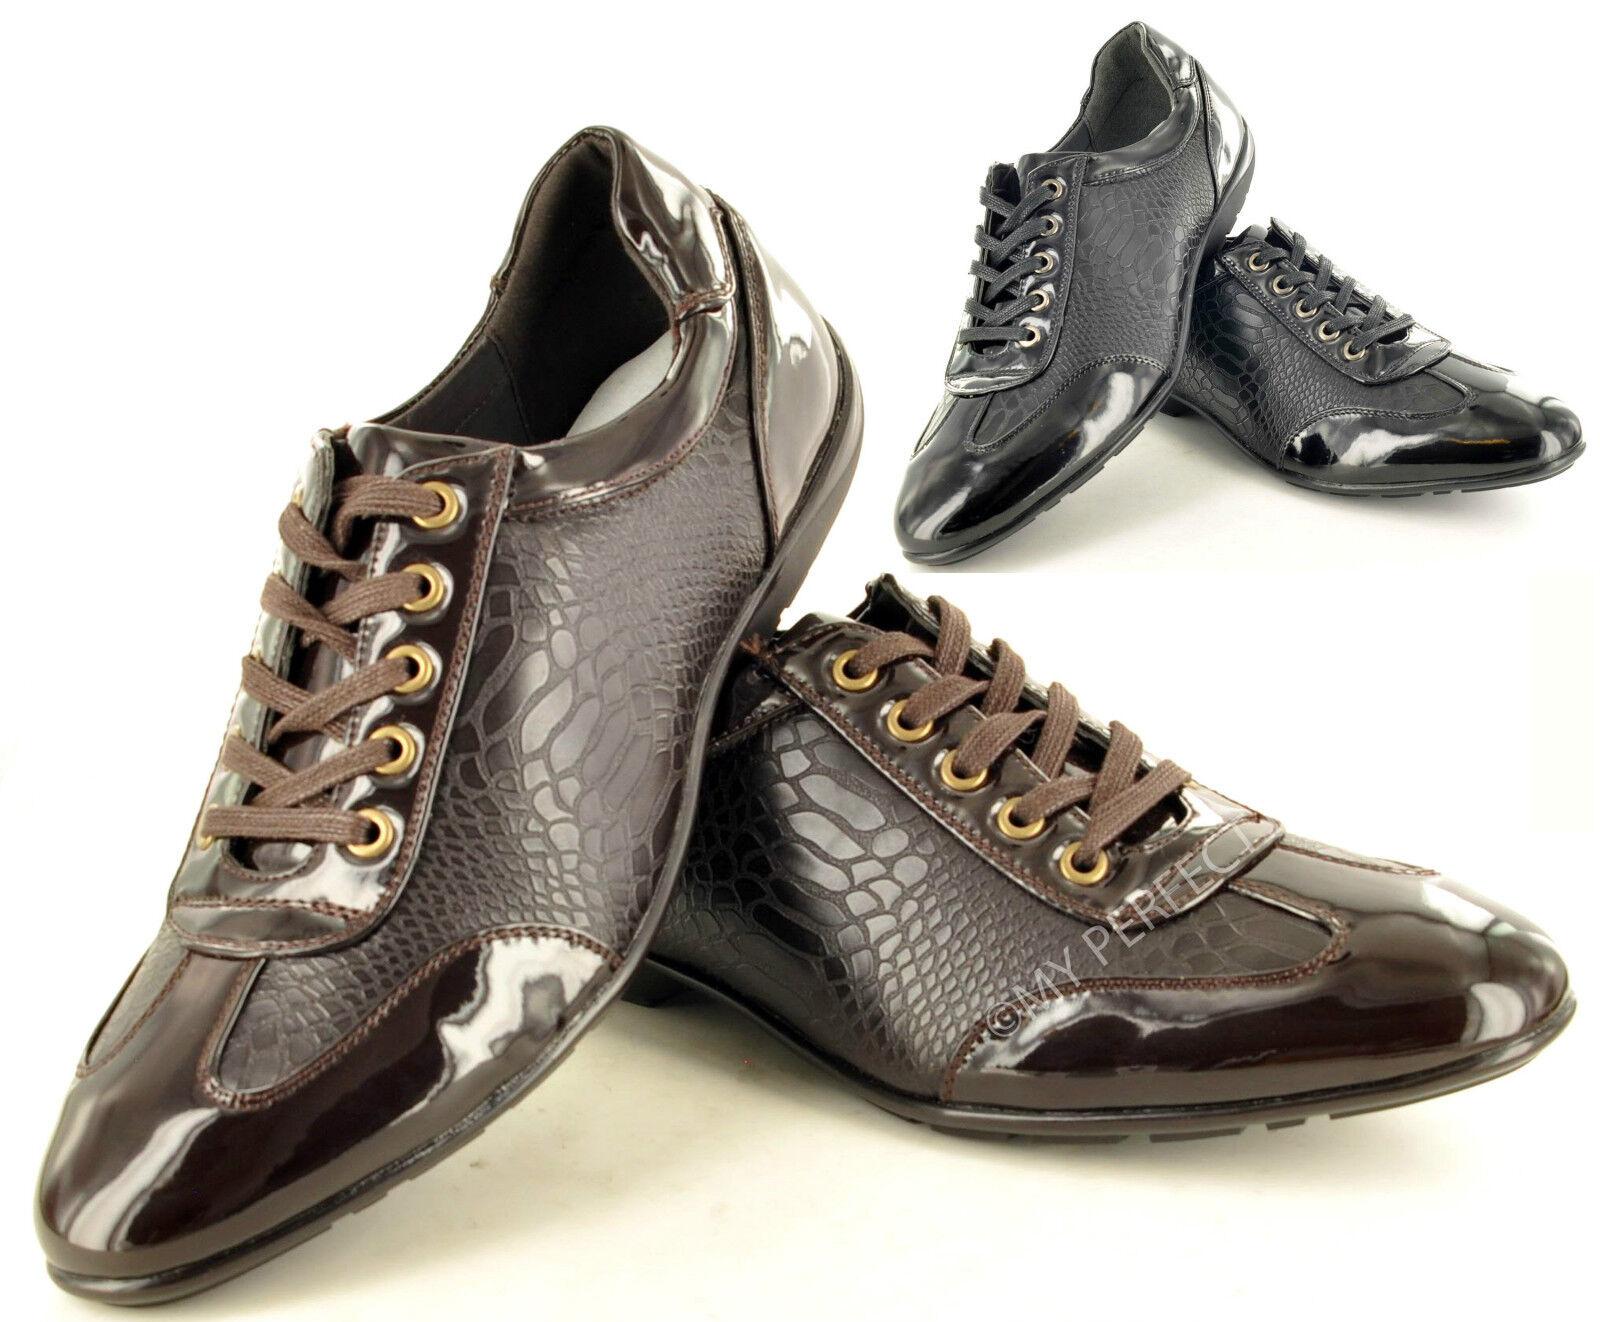 Hombre Zapatos Informal Forrado Piel Formal Zapatos Hombre Elegantes Con Cordones TALLA 0652ce